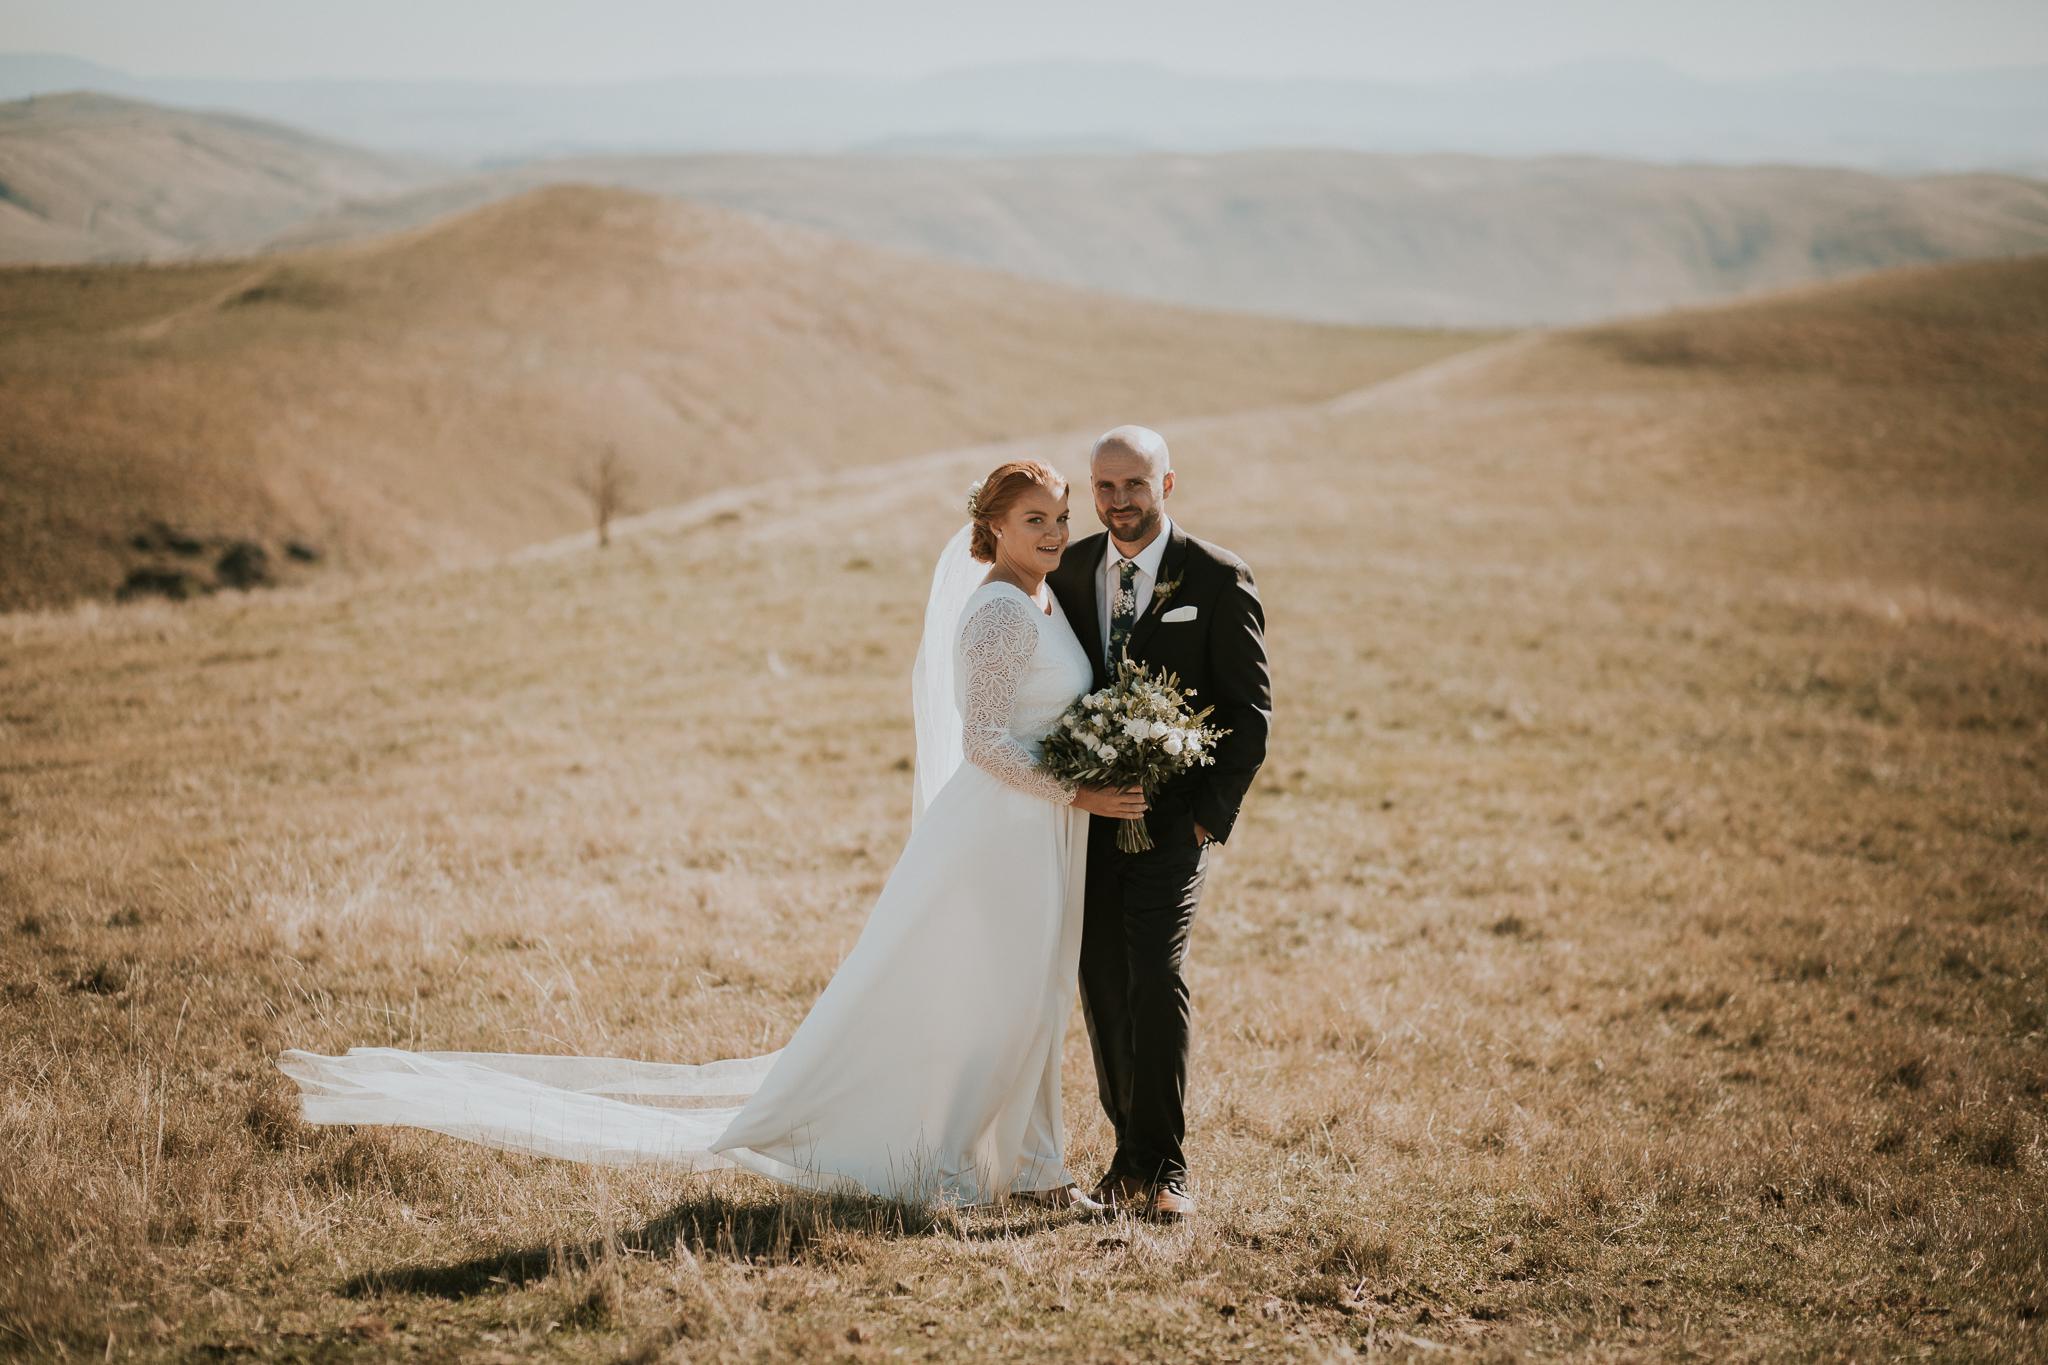 wedding photographer hawkes bay , Lisa Fisher Photography, Selini Winery Wedding -45.jpg